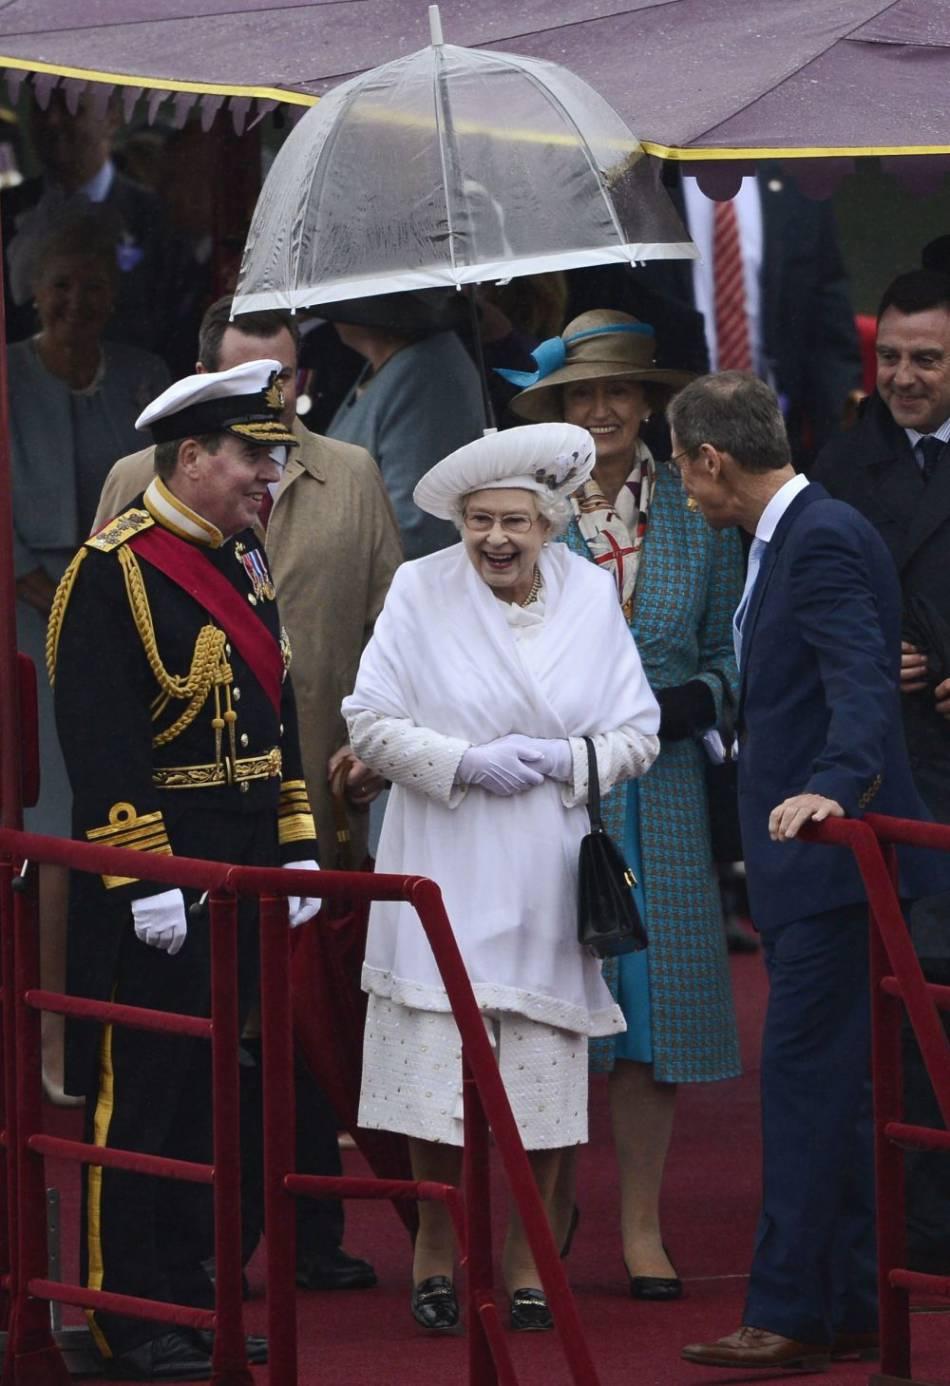 La reine Elisabeth II aura bientôt 90 ans mais elle reste une sacrée fêtarde. Ici pour son jubilé de diamant en 2012, elle avait déjà mis les petits plats dans les grands !